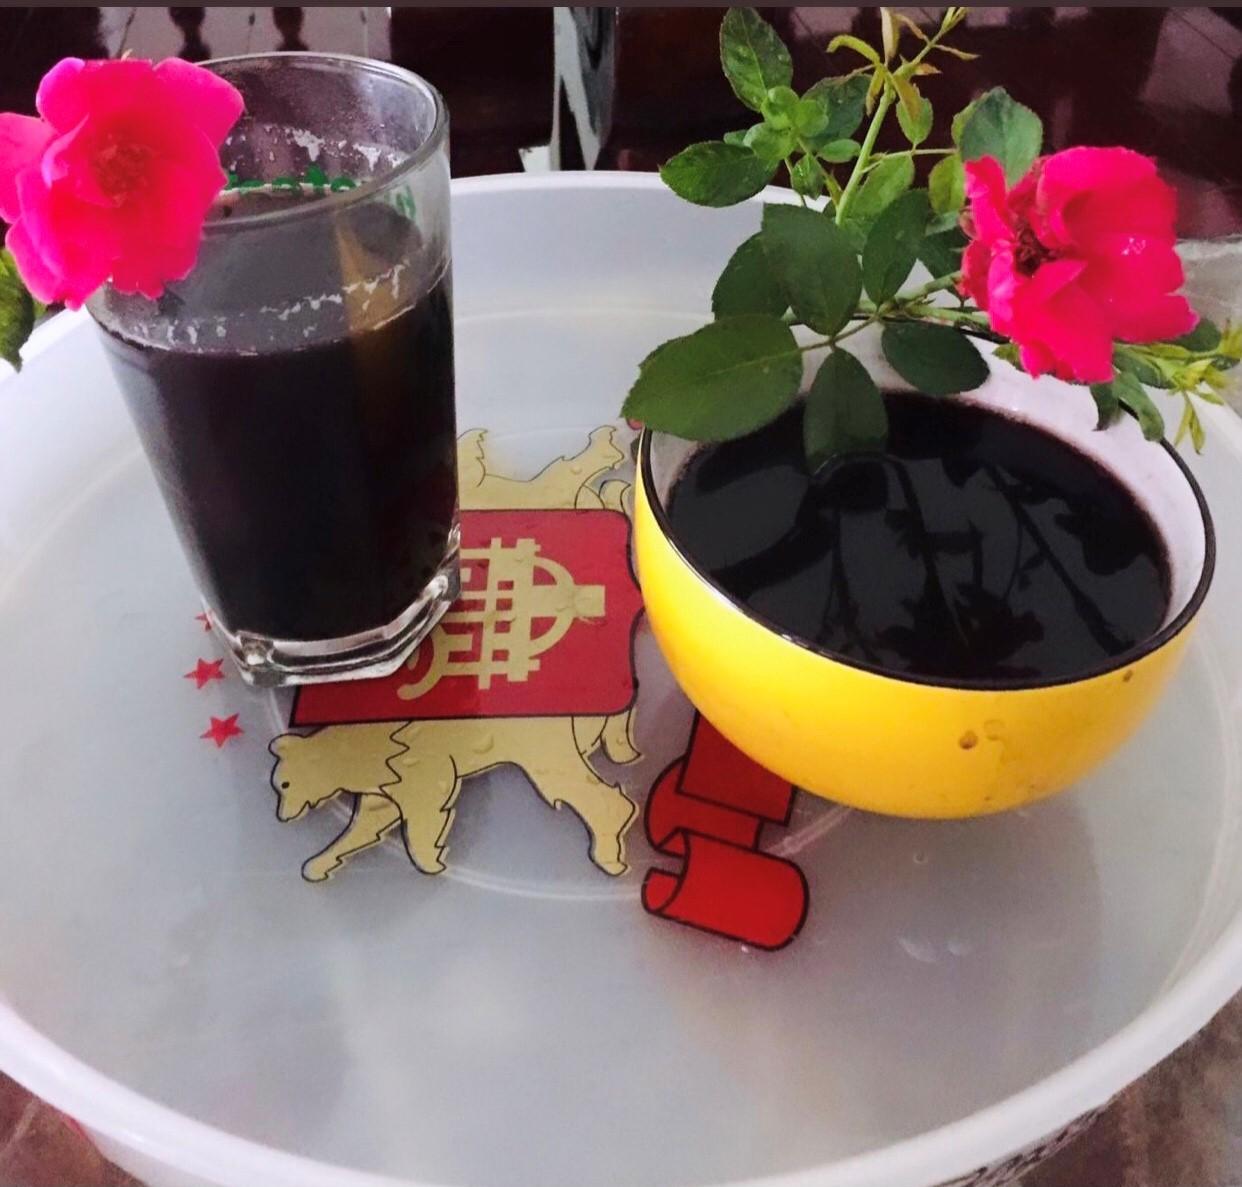 Kể chuyện làng: Hồi ức về món chè đỗ đen của mẹ - Ảnh 2.